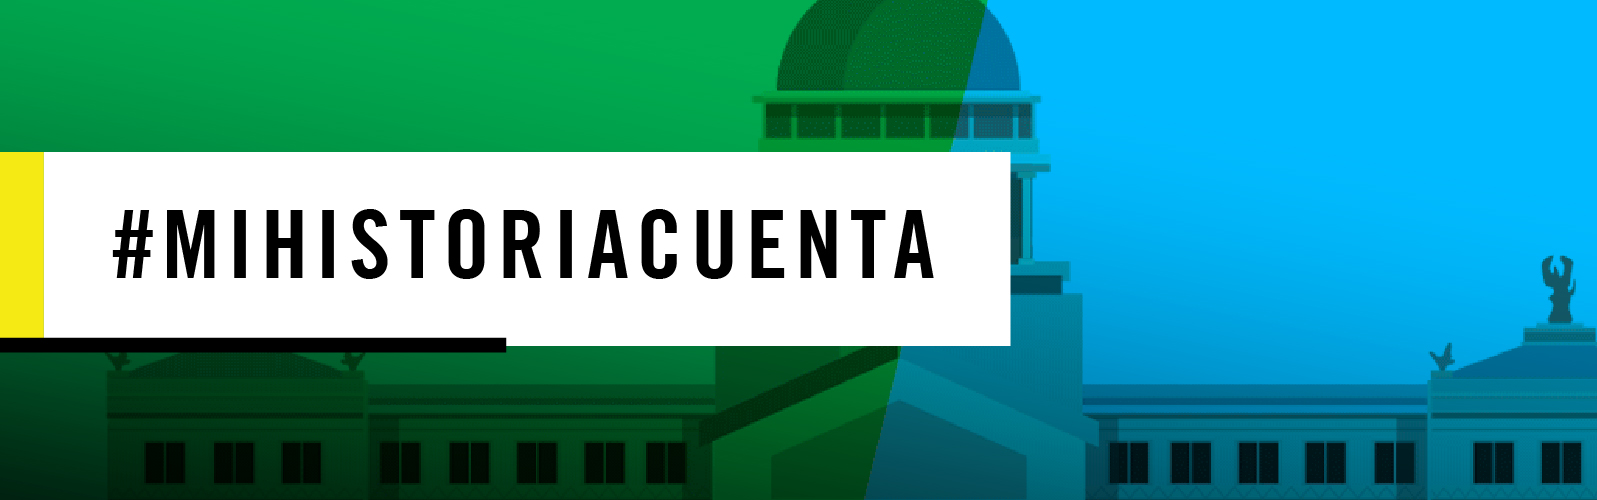 #MIHISTORIACUENTA